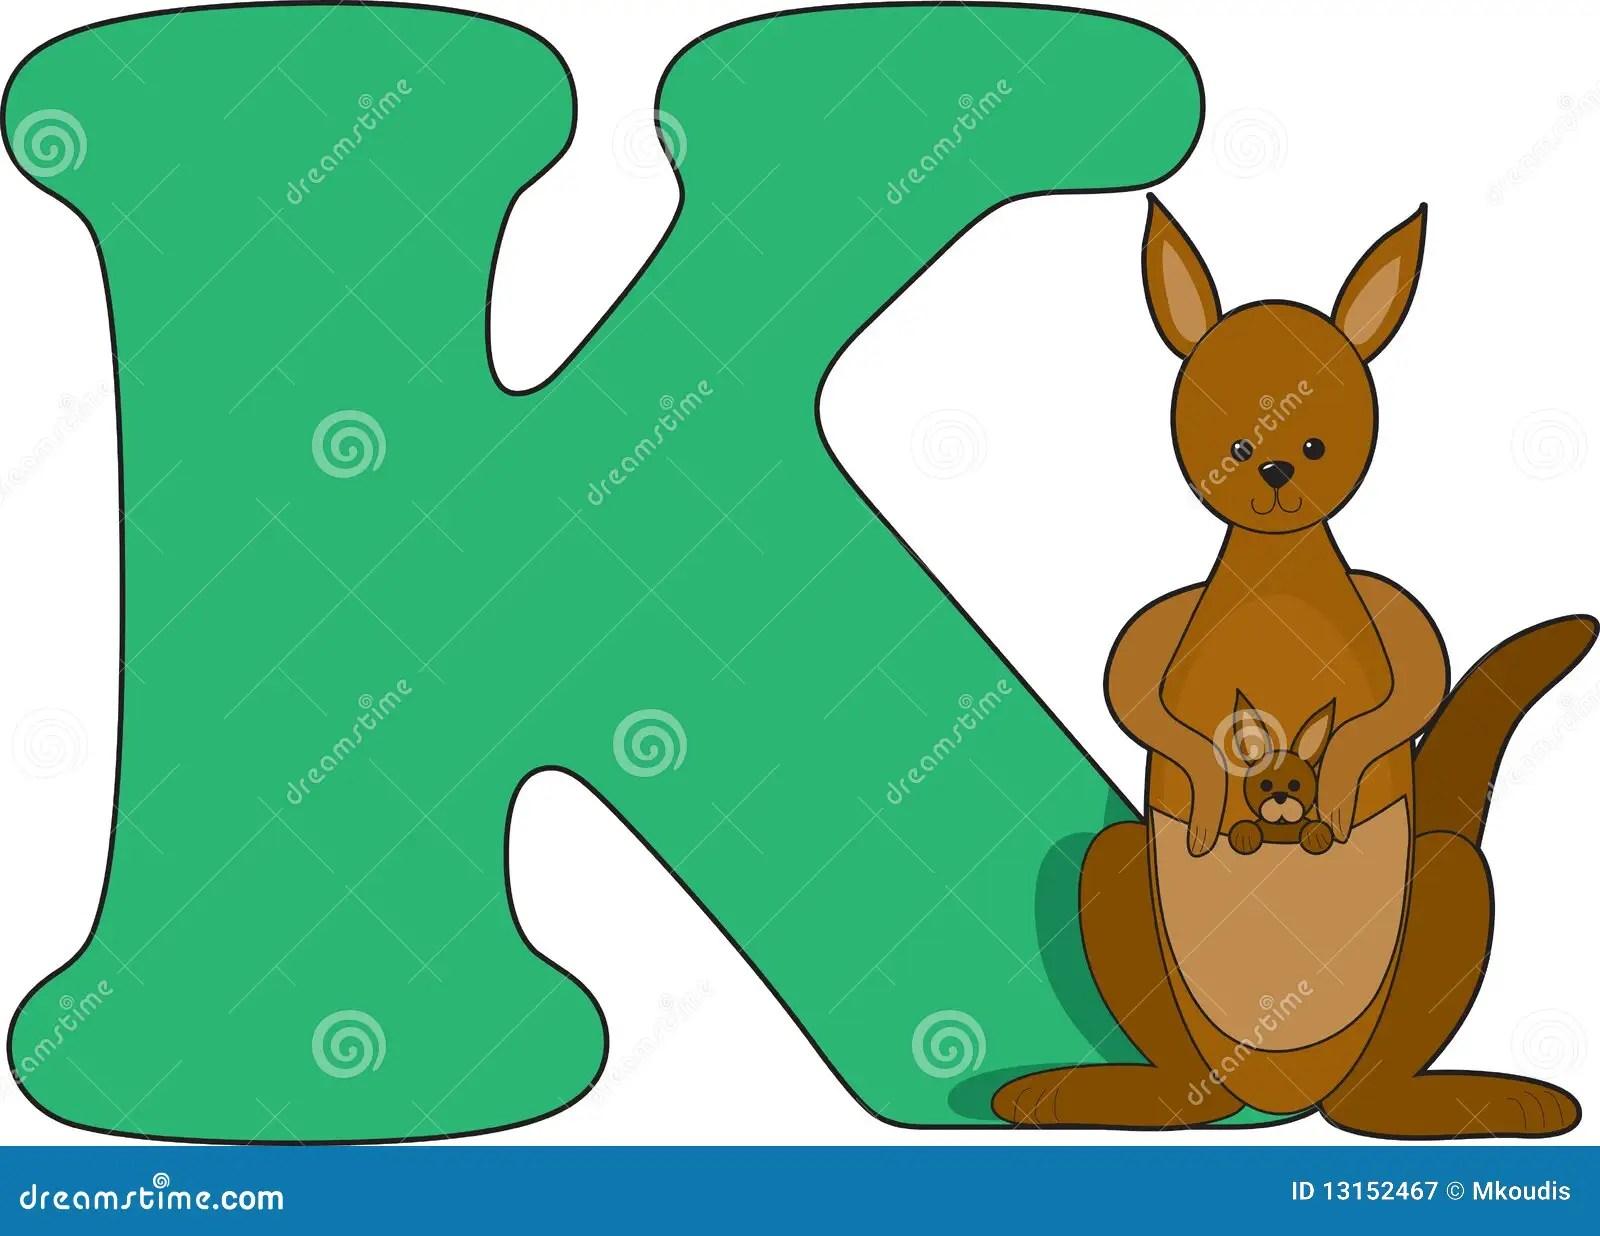 Related Keywords Amp Suggestions For Letter Kk Kangaroo